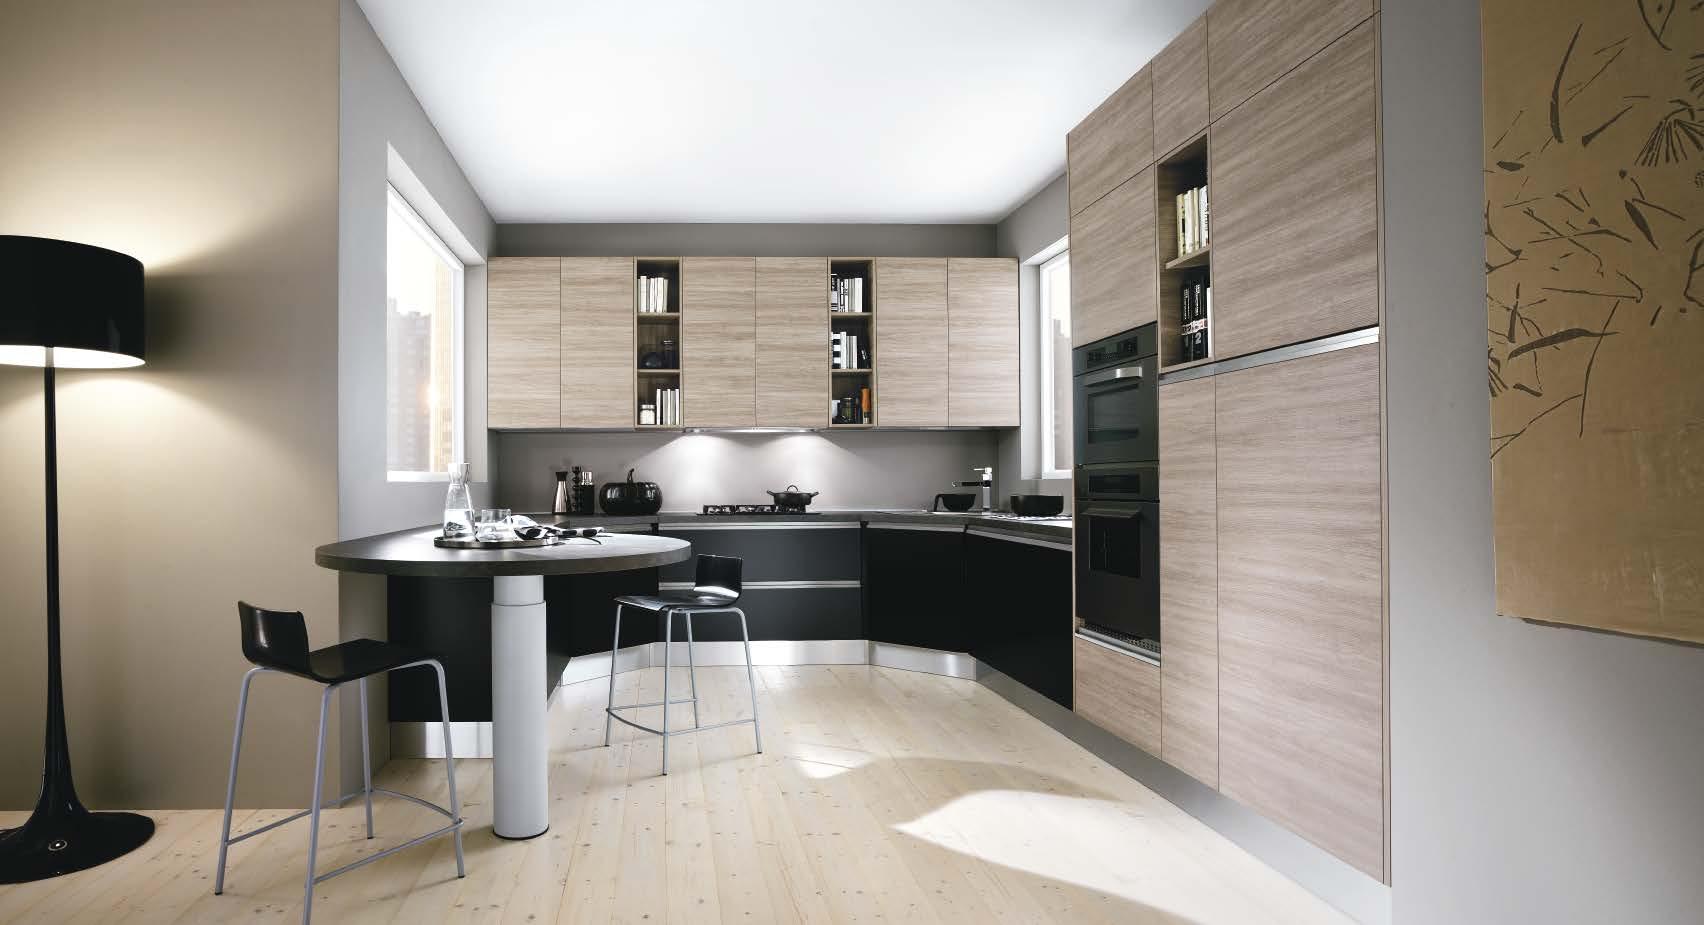 Linea κουζινα με ενσωματωμενη μεταλική λαβή σε μαυρη ματ λάκα και μελαμινη σε υφη ξυλου